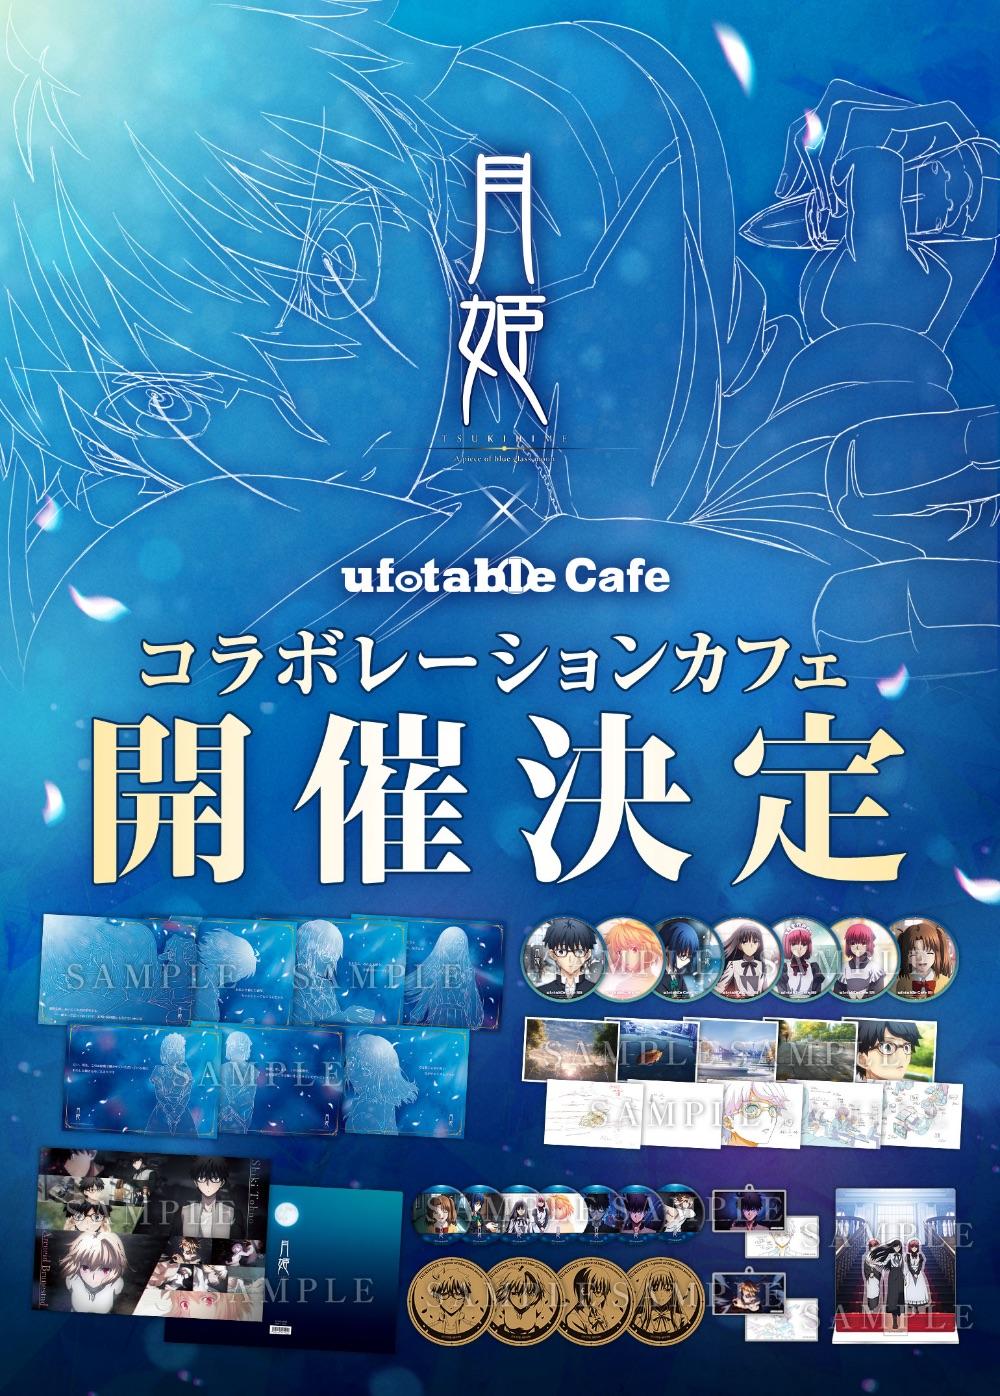 【東京】ufotableCafeTOKYO 9/17(金)「月姫 -A piece of blue glass moon-」コラボレーションカフェ